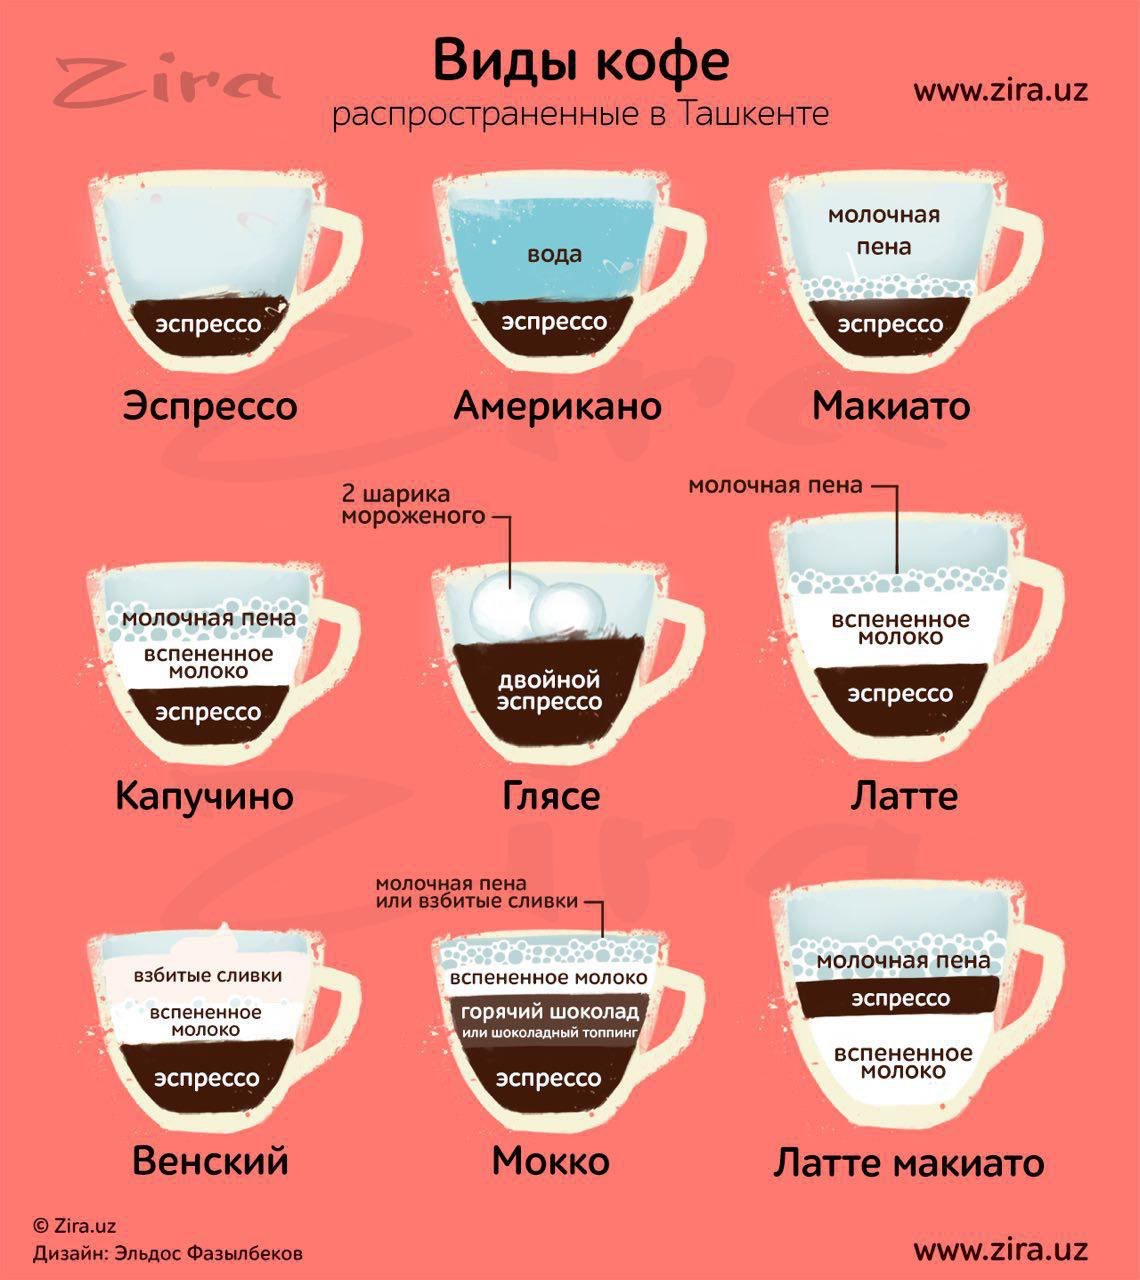 Кофе капучино - что это такое и история создания напитка, виды, правильные пропорции молока и эспрессо